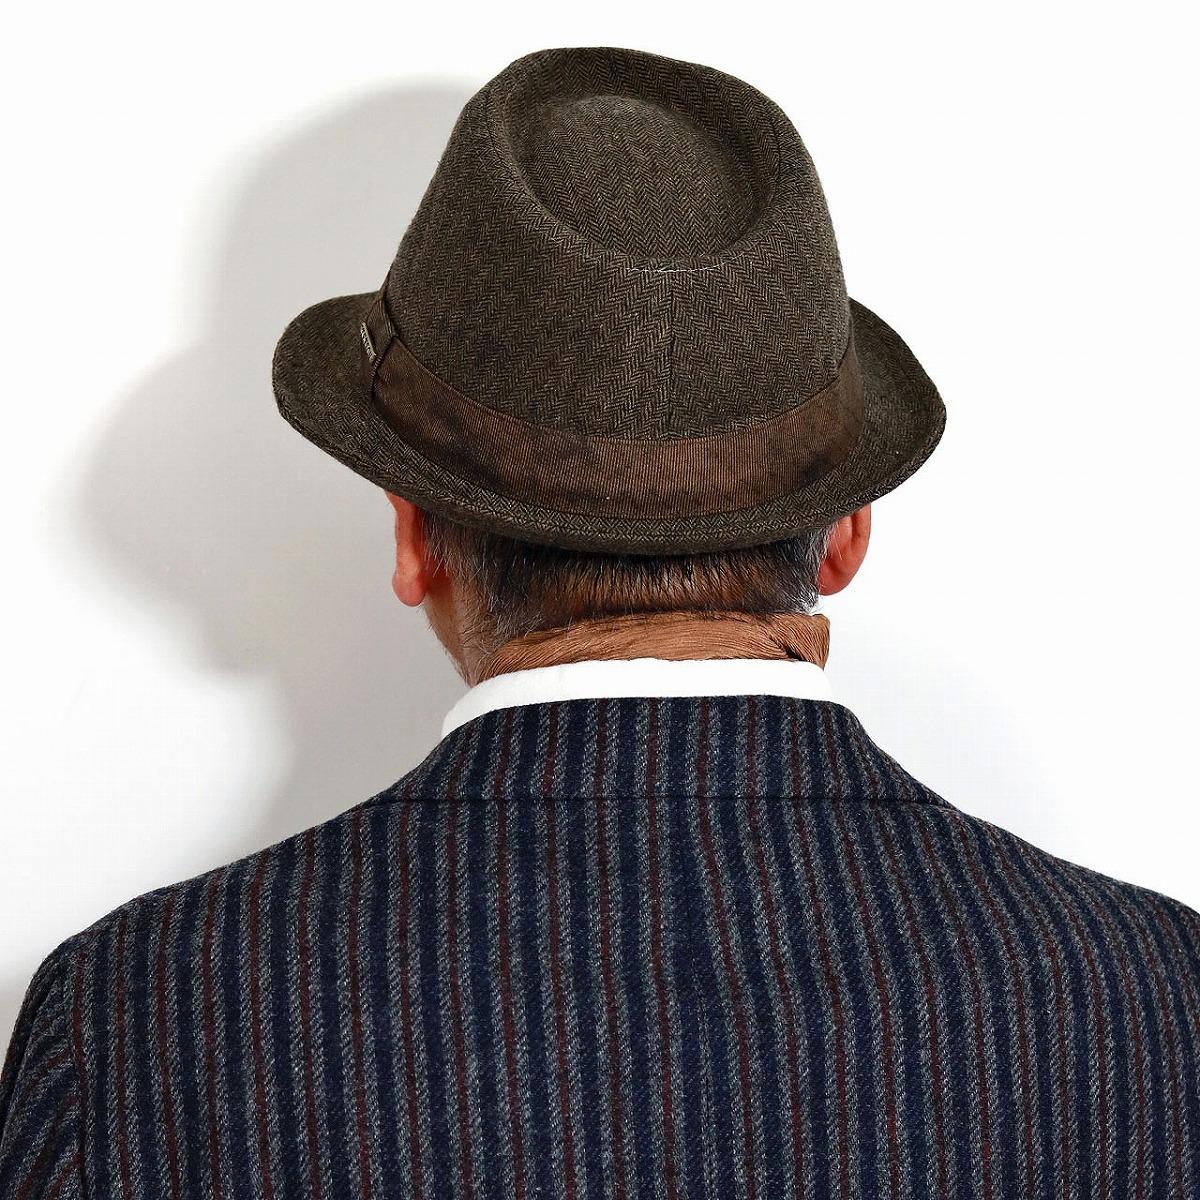 ダンディー 敬老の日 ブラウン 中折れ 男性 [ fedora ] ステットソン ラッピング無料 父の日 ハット シック 茶 紳士 ハット 帽子 帽子通販 紳士 ヘリンボーン柄 帽子 中折れハット 渋い プレゼント 贈り物 メンズ